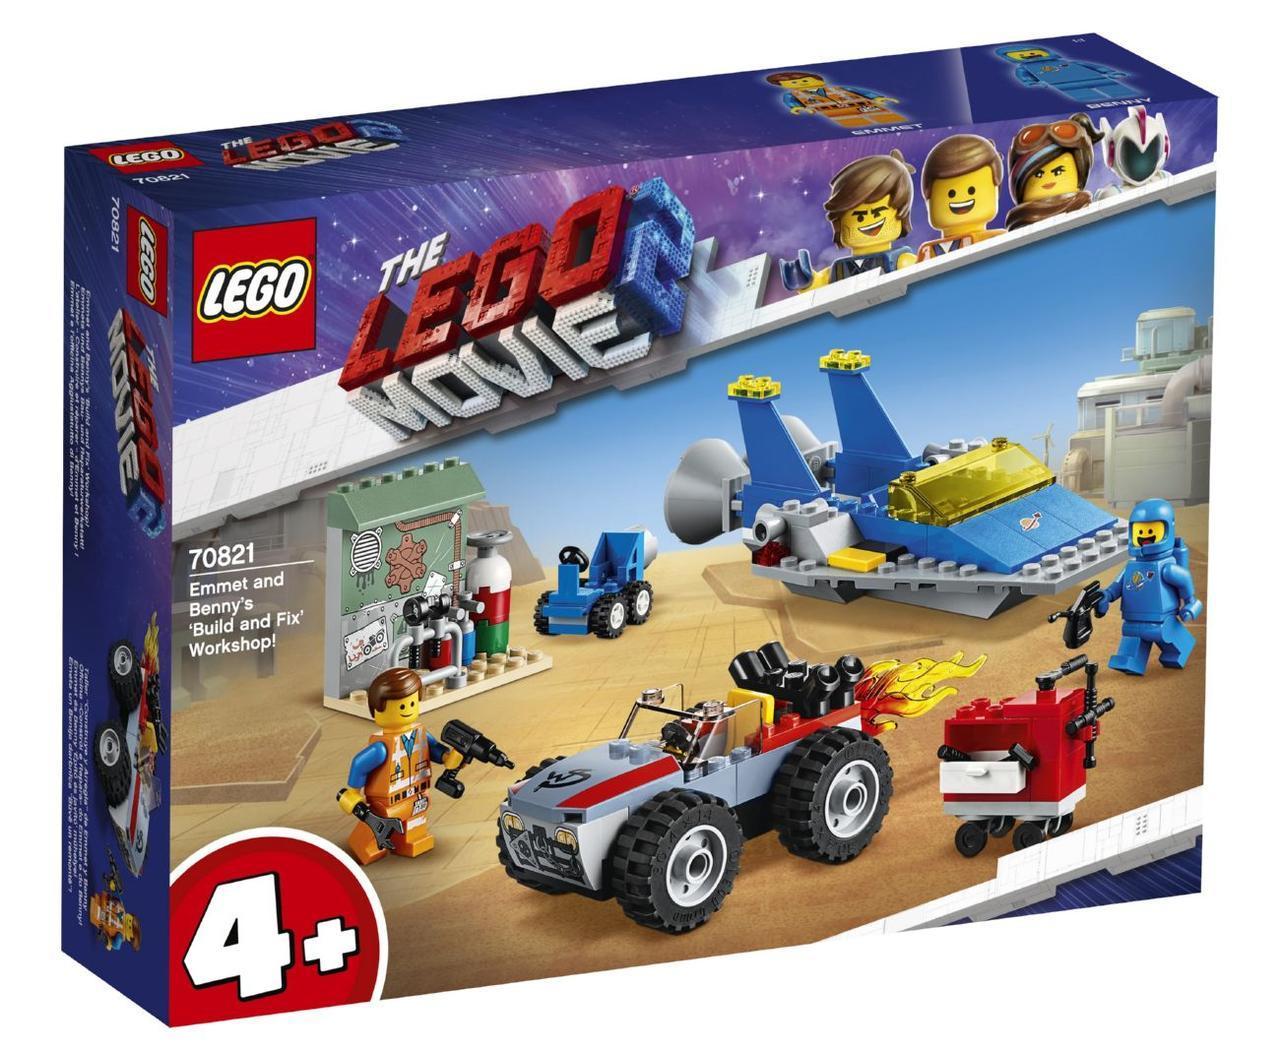 Lego Movie 2 Мастерская «Строим и чиним» Эммета и Бенни! 70821